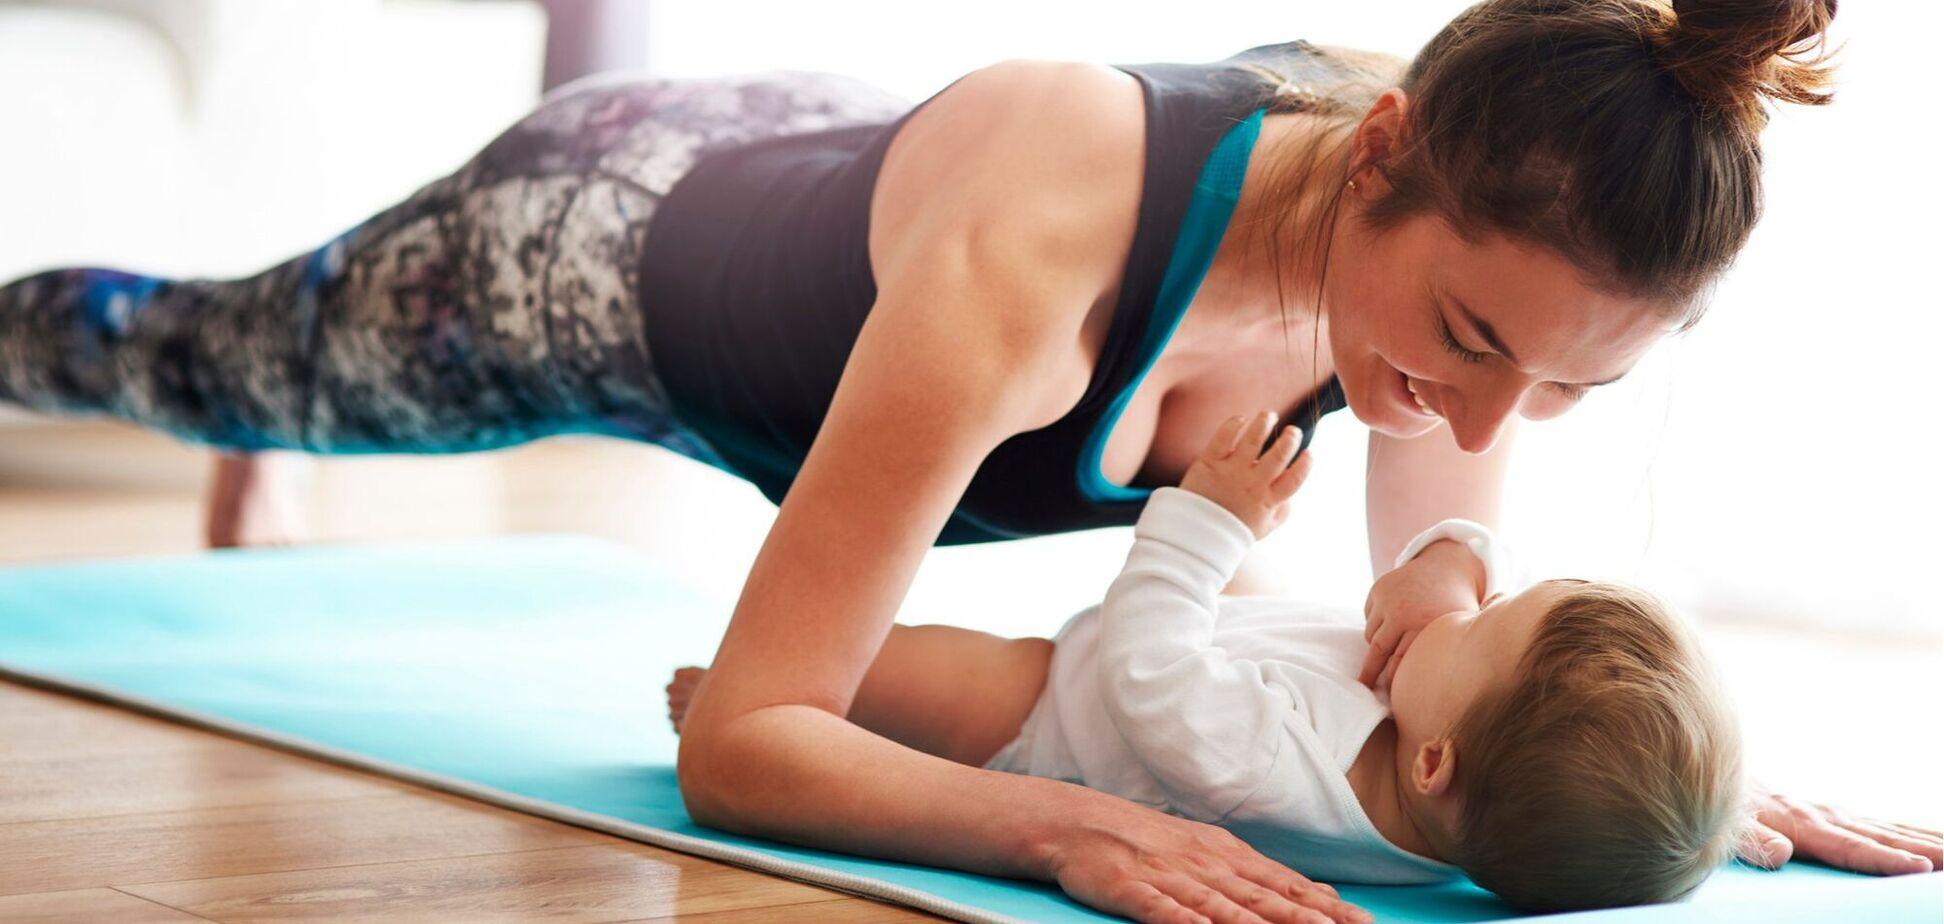 Анита Луценко посоветовала, как восстановить фигуру после родов